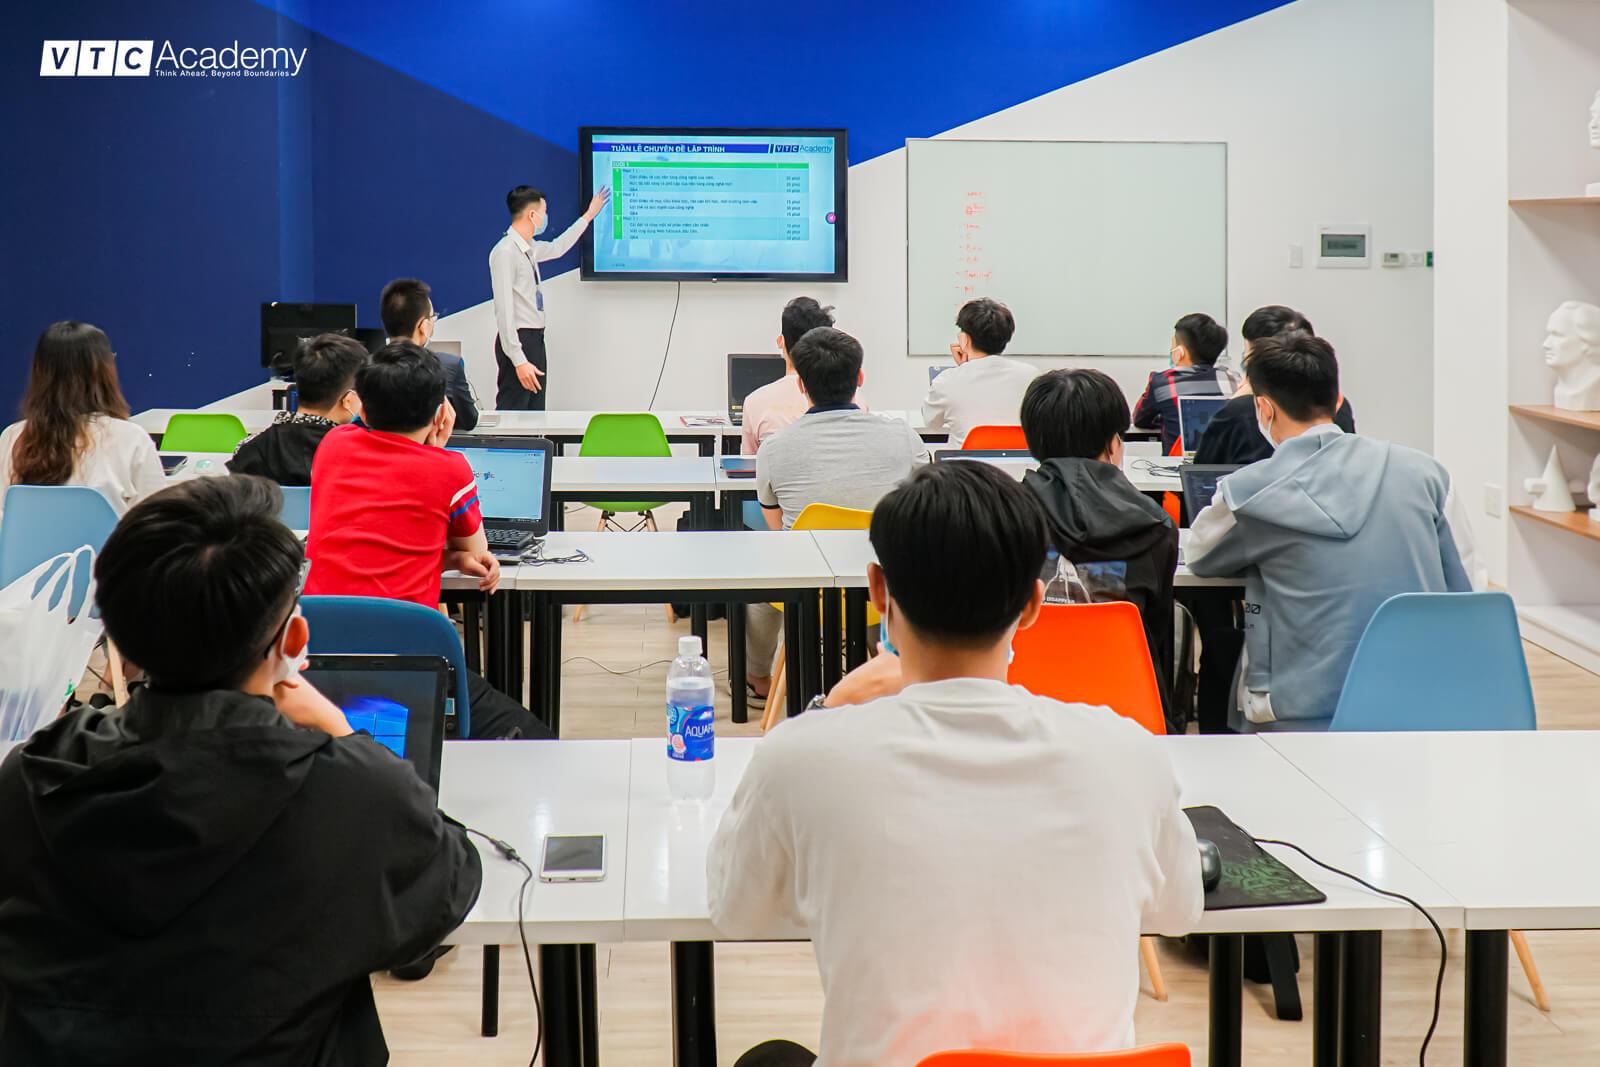 VTC Academy tiếp tục tổ chức chuỗi tuần lễ chuyên đề Lập trình tại TP.HCM